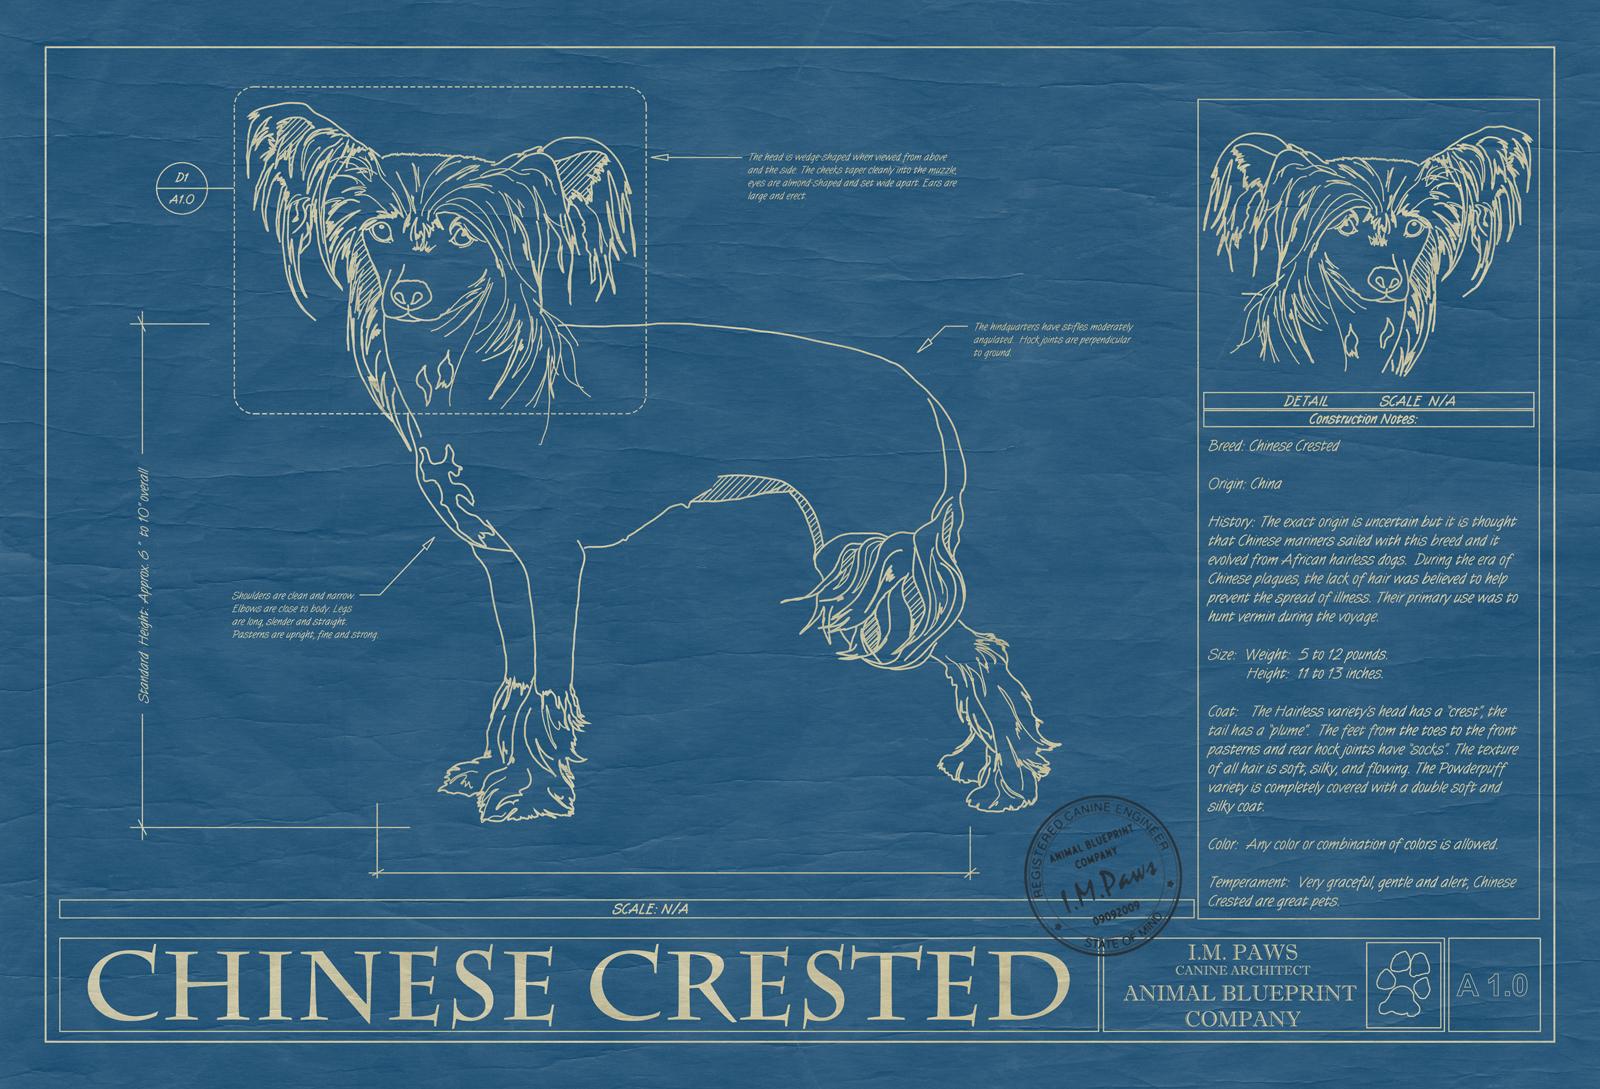 Chinese crested dog animal blueprint company chinese crested dog blueprint malvernweather Gallery